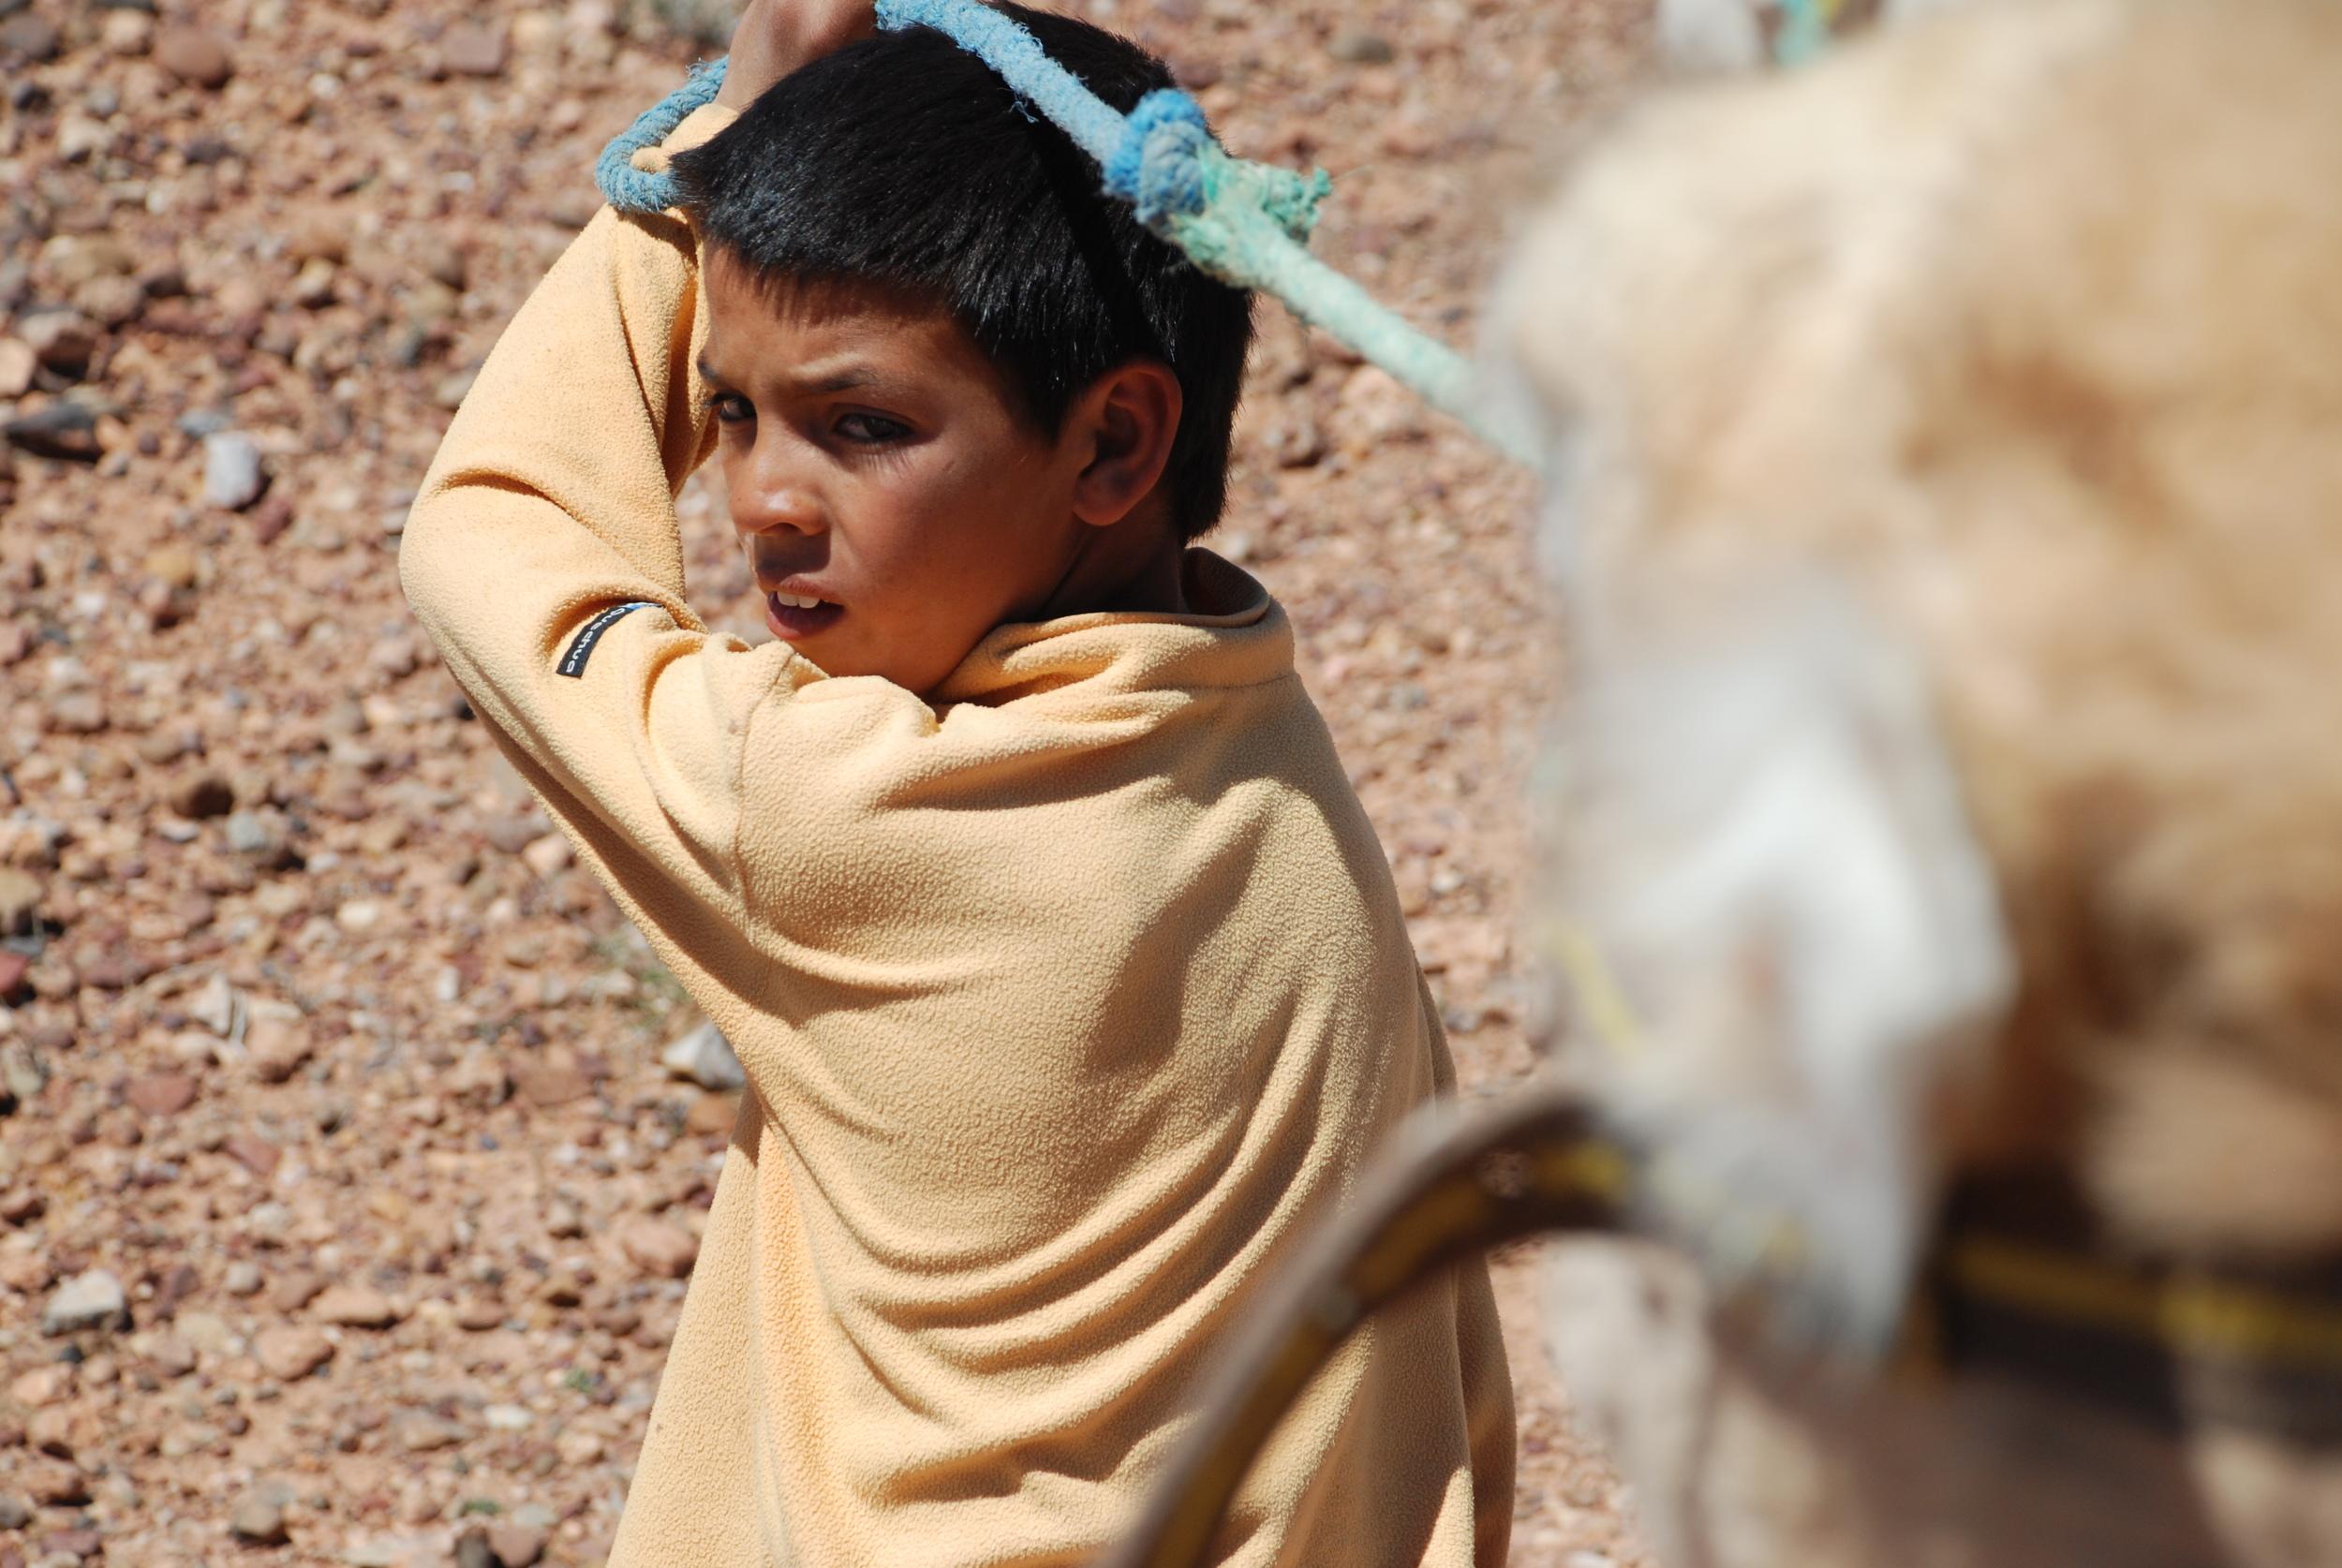 Morocco, April 2009